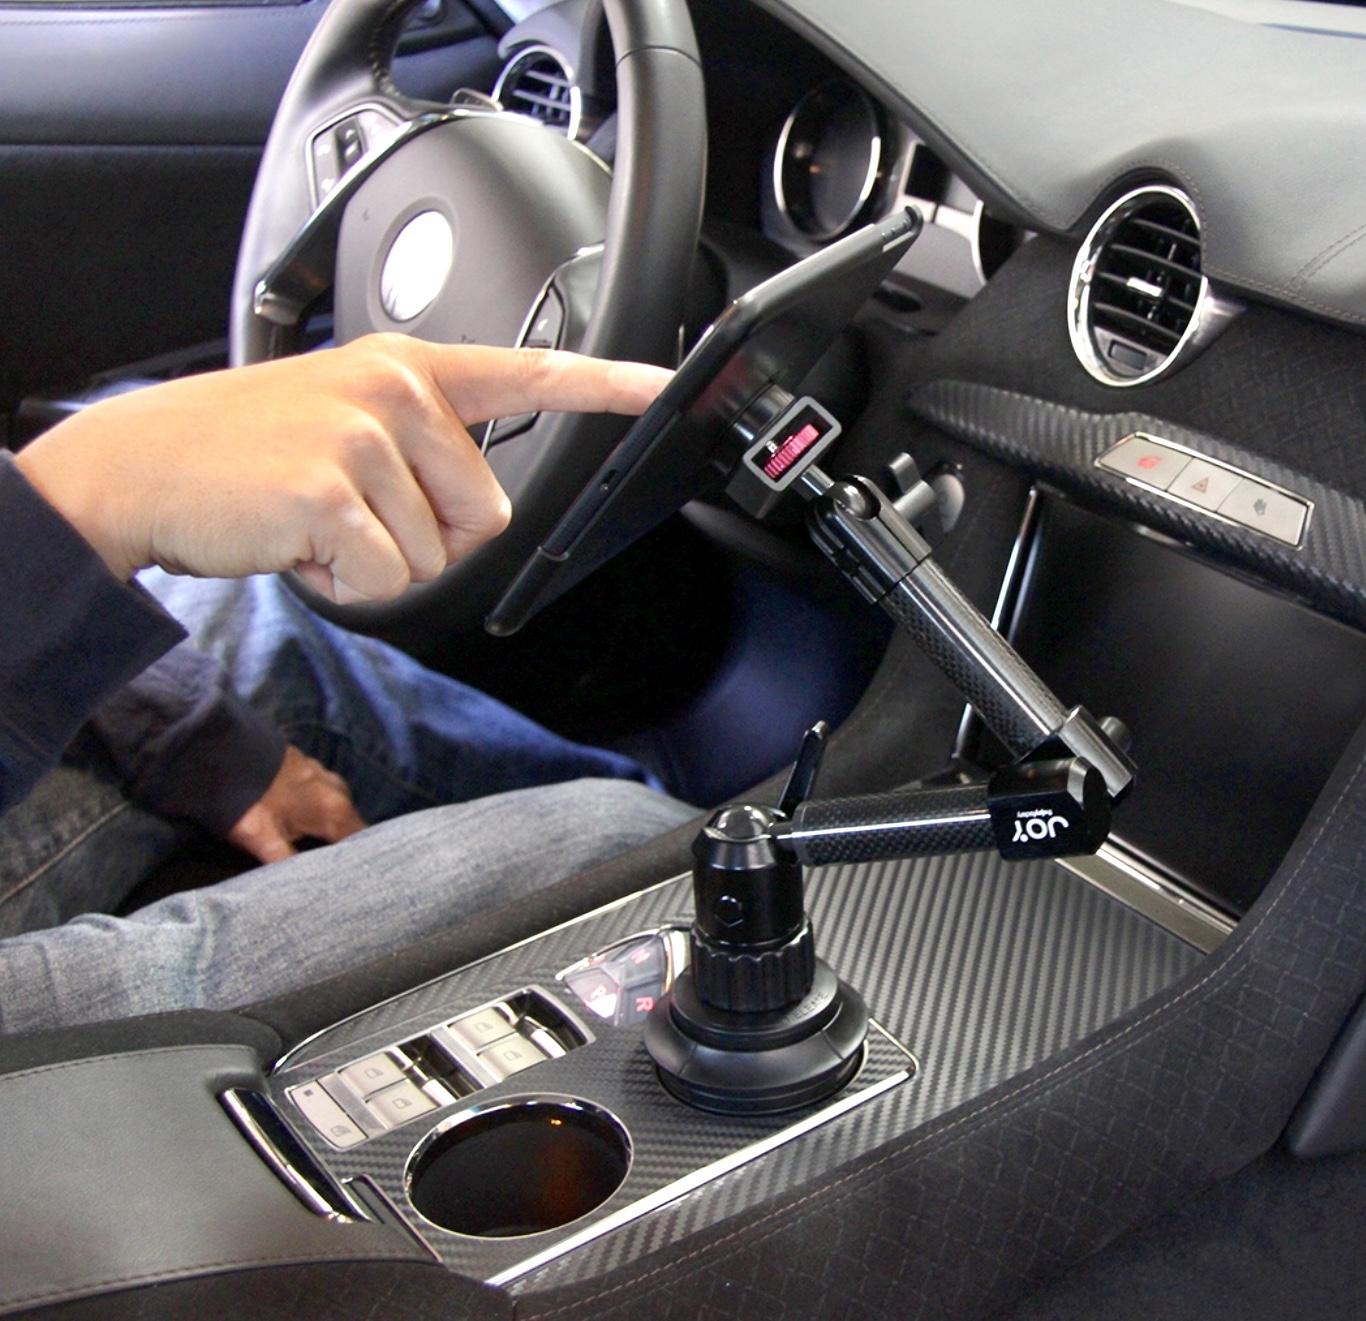 4 en 1 Support Bras articule Auto et Coque de protection iPAD PRO 2018 12.9 pouces 3e Gen Connect Car